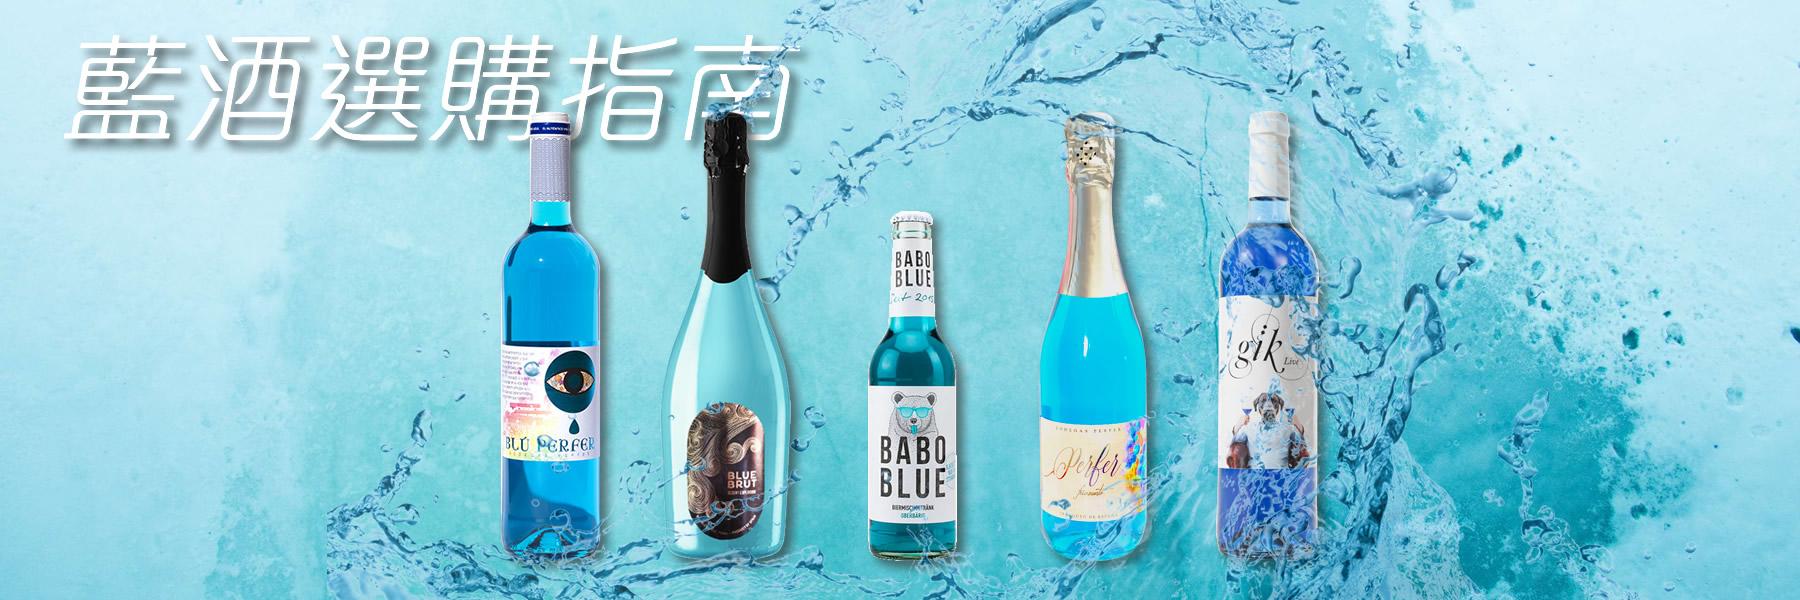 【歐凳的生活飲酒日誌】藍酒選購指南